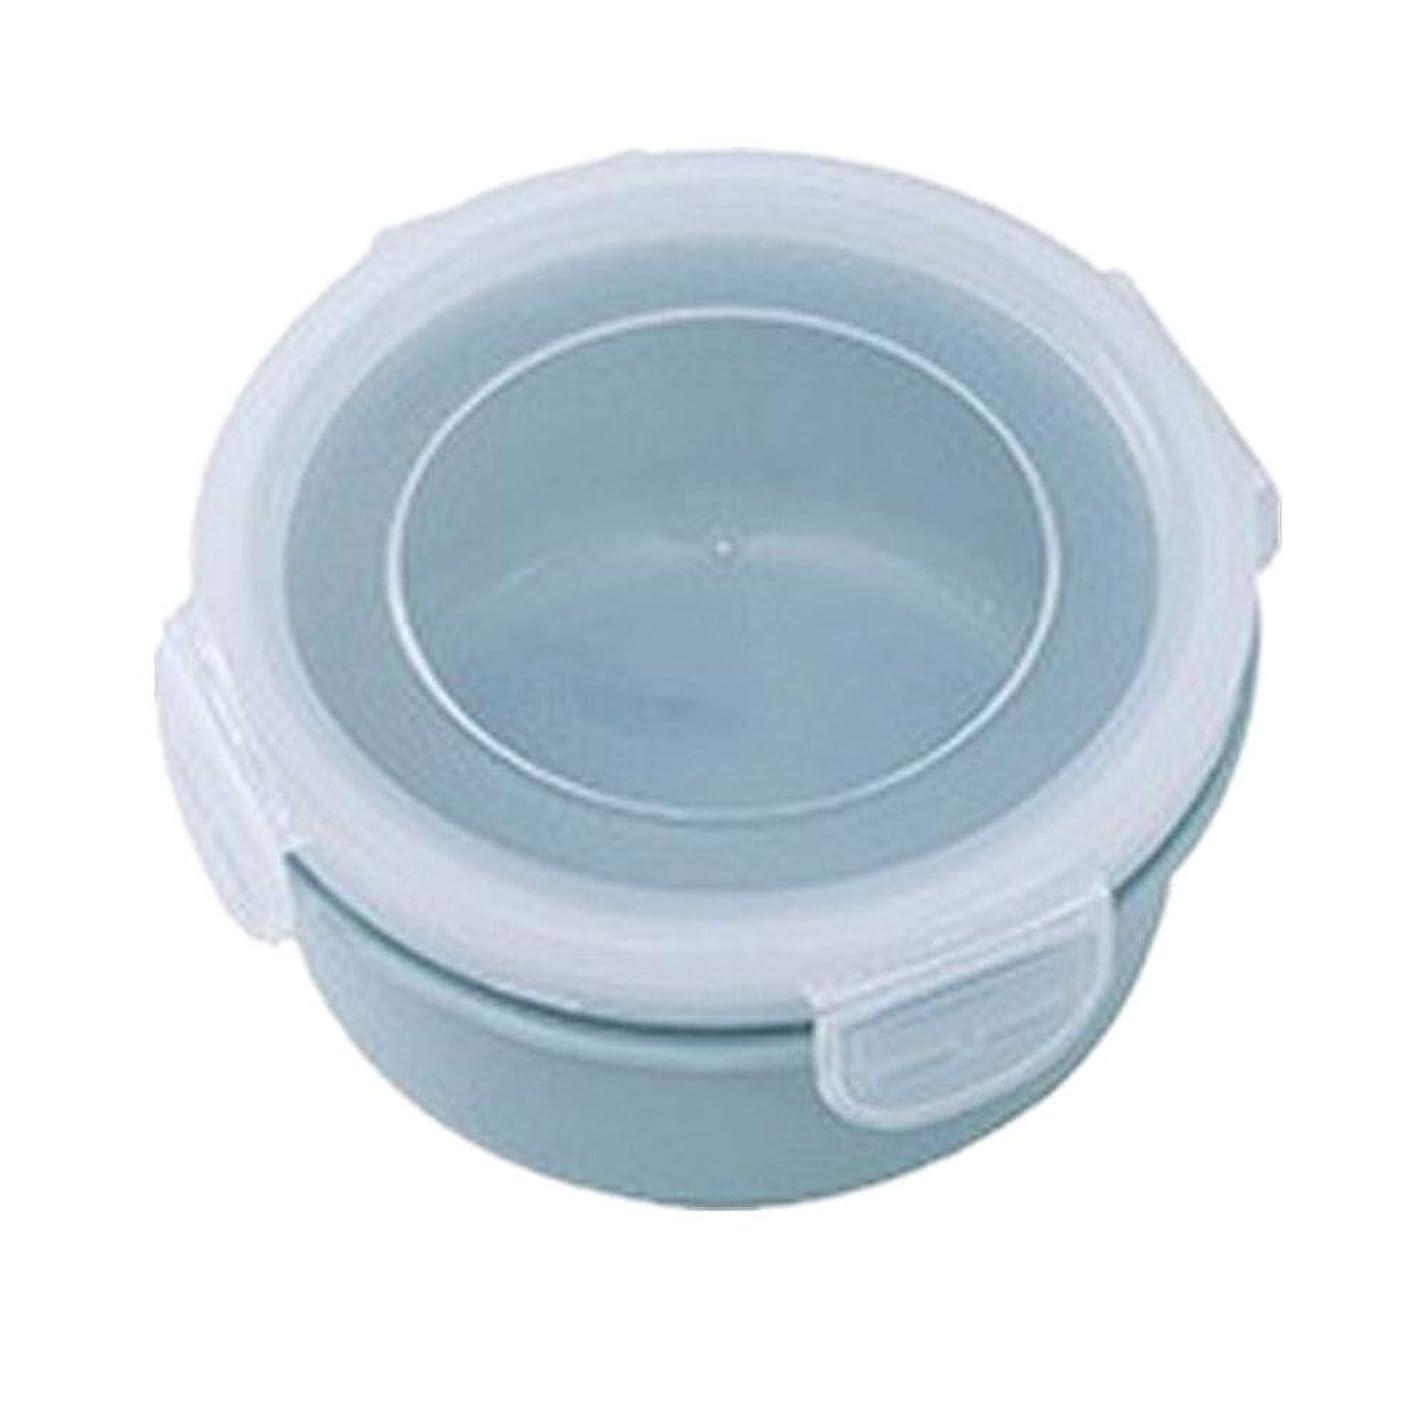 症候群組流星弁当箱 小さなランチボックス食品冷蔵庫収納ボックスプラスチック製ミニラウンド食器ポータブルピクニック食品保存